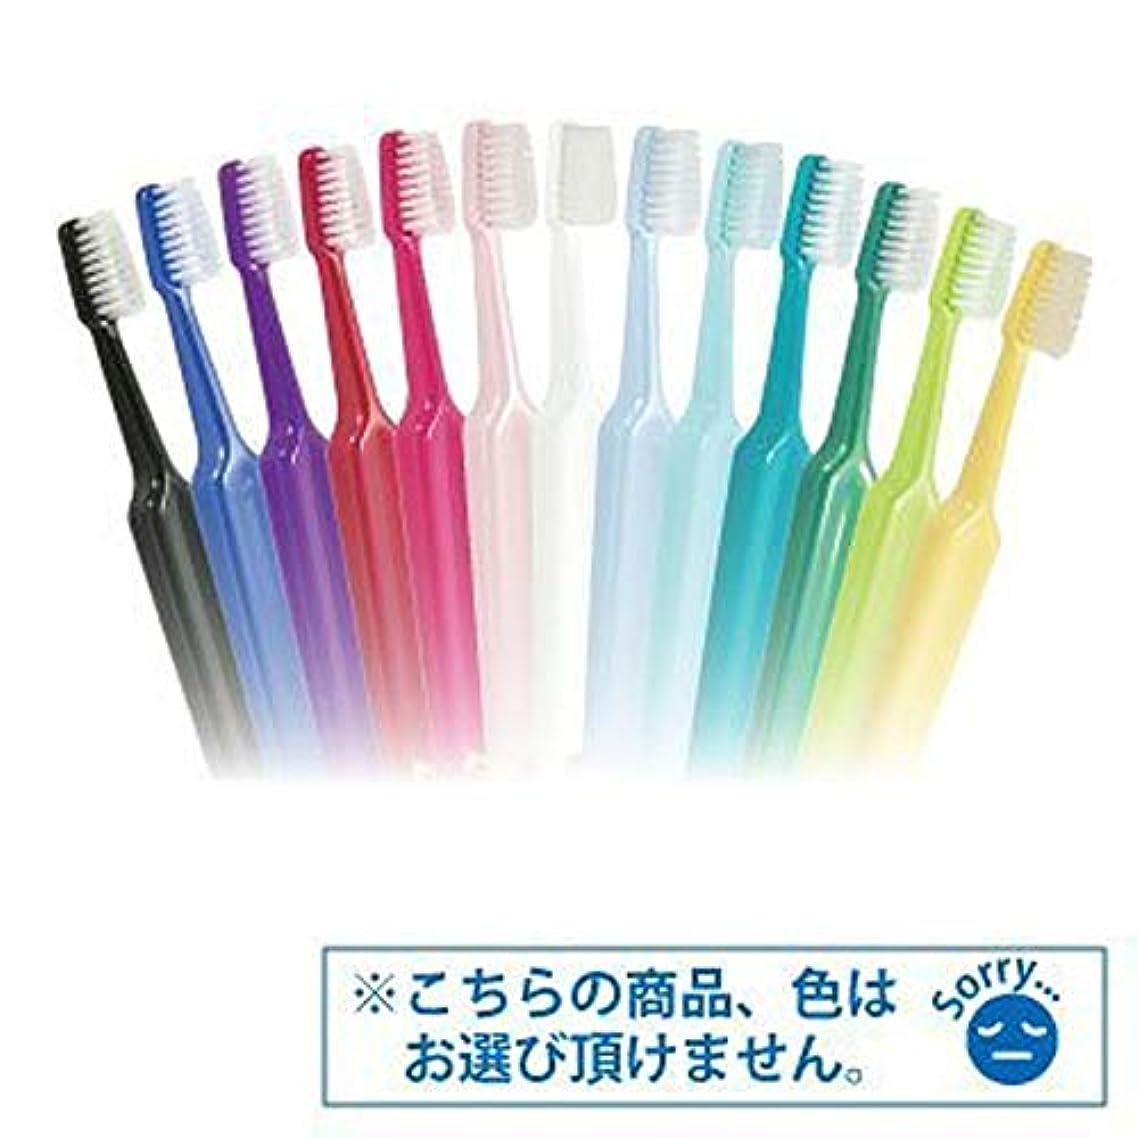 考案する立証するスペルTePe テペ セレクトコンパクト コンパクトミディアム 歯ブラシ 20本